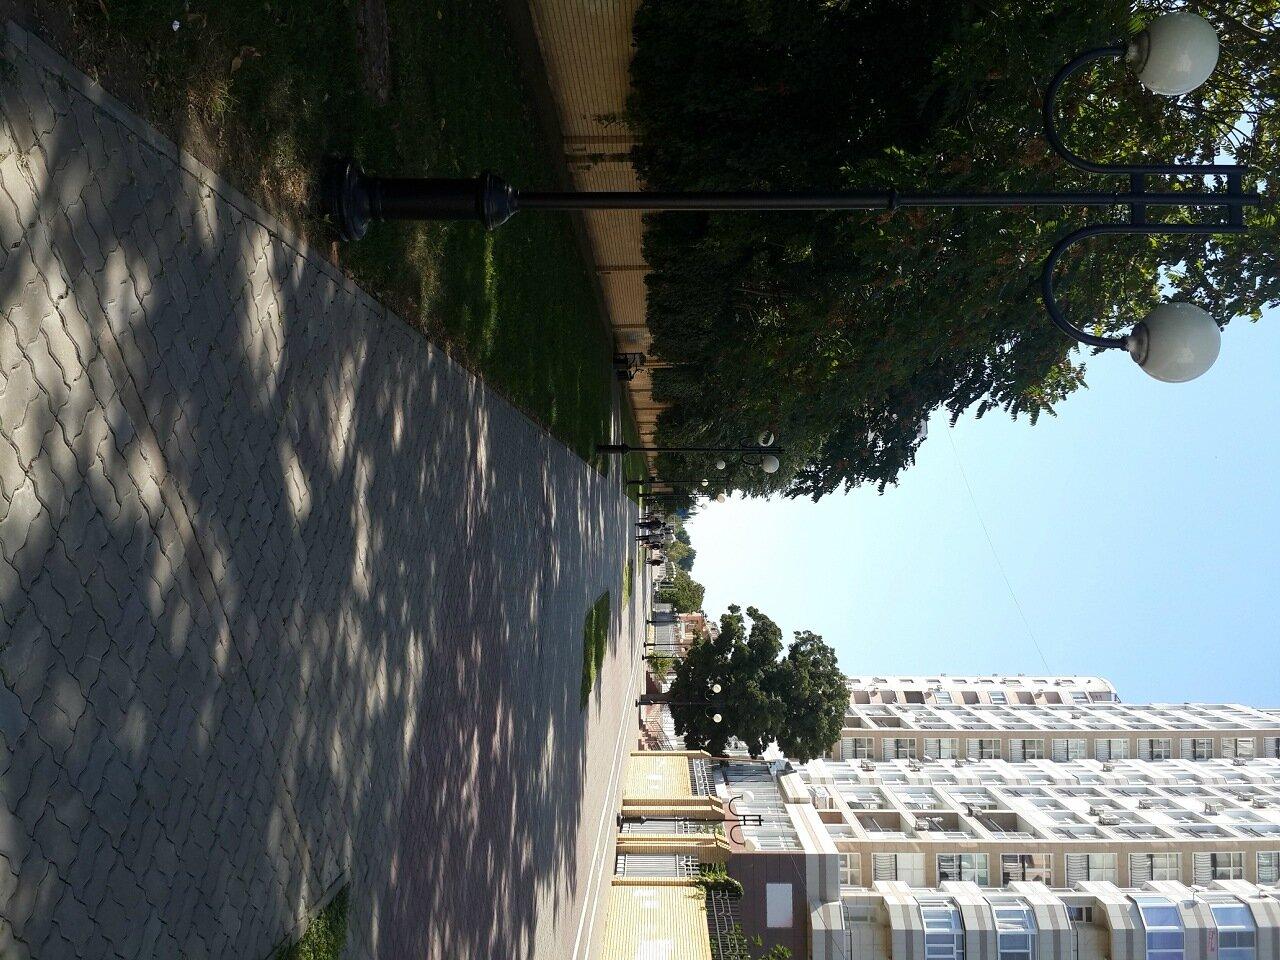 Пешие и велопрогулки по Краснодару - ищу компаньонов - Страница 6 0_82941_27946182_XXXL